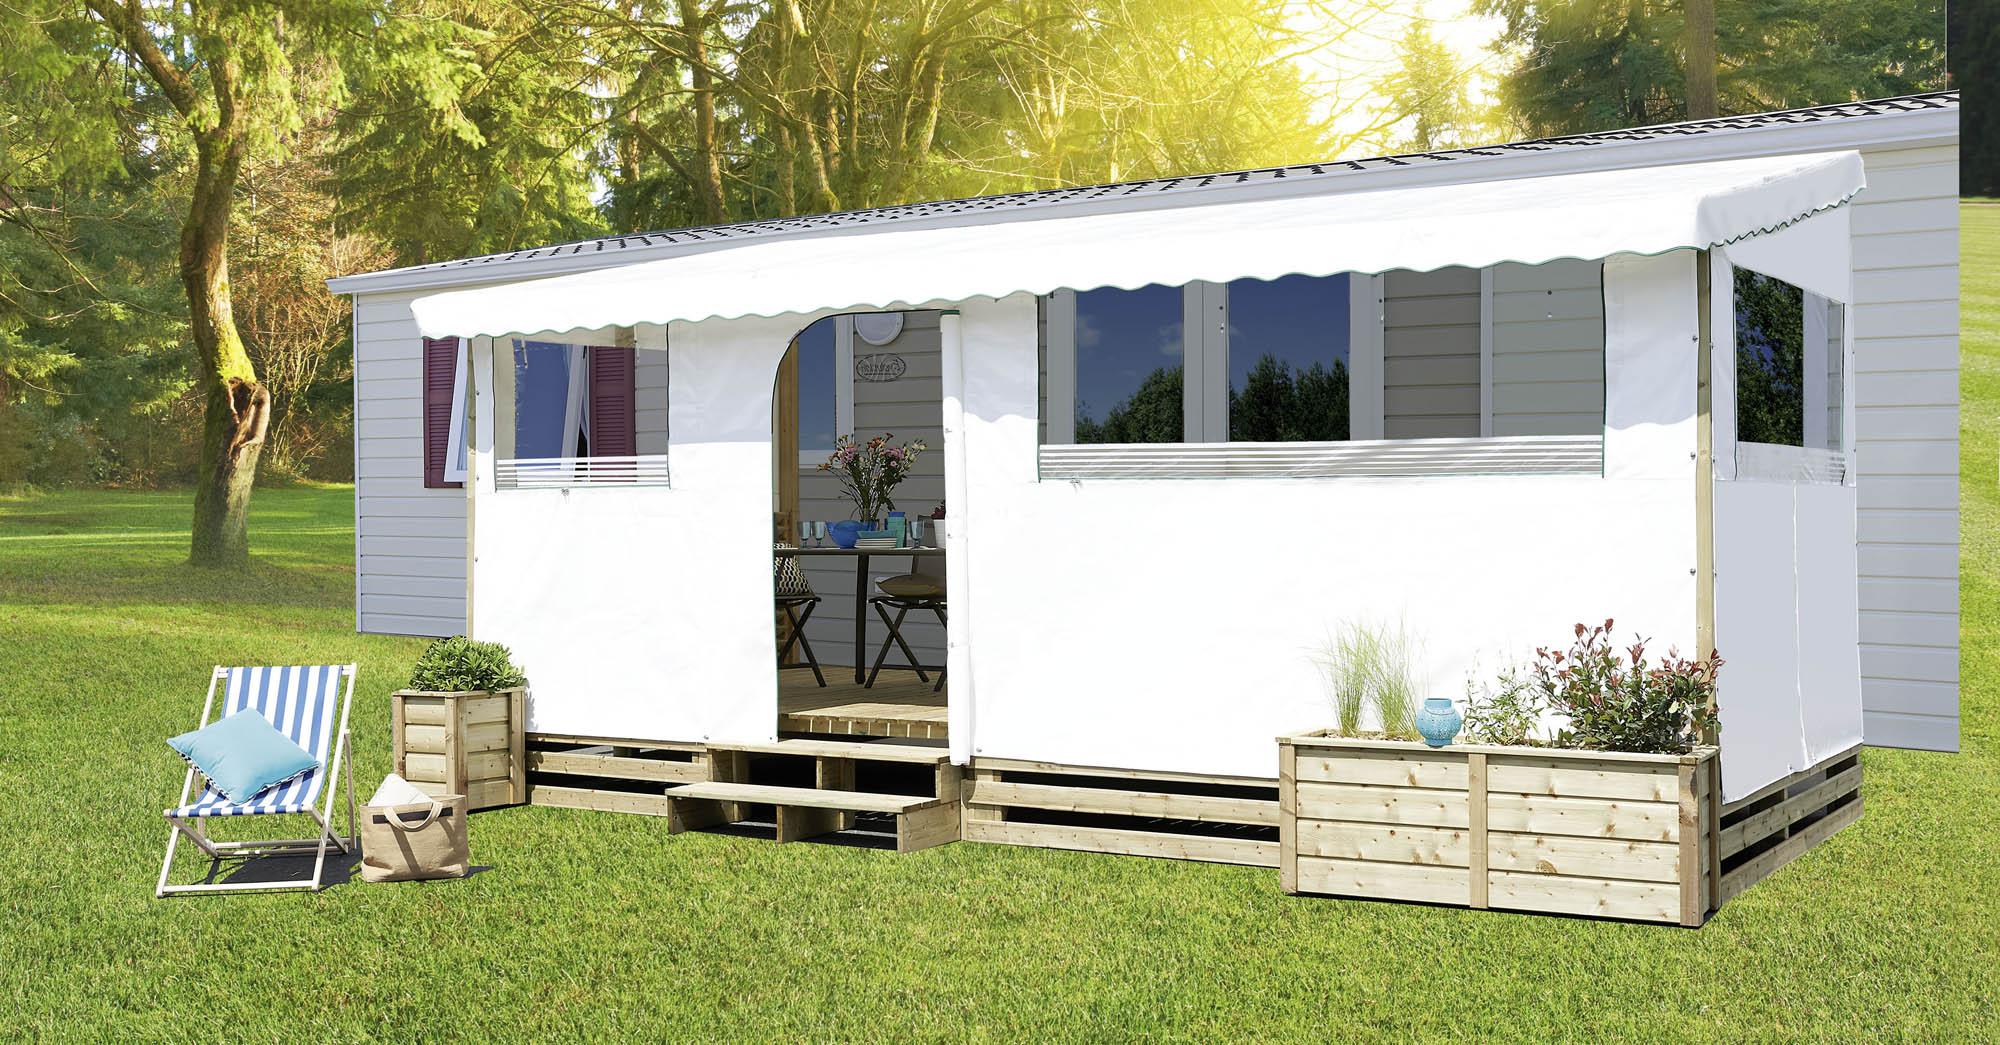 B u00e2che sur mesure pour terrasse de mobil home (toit, joue, façade) # Terrasse En Bois Pour Mobil Home